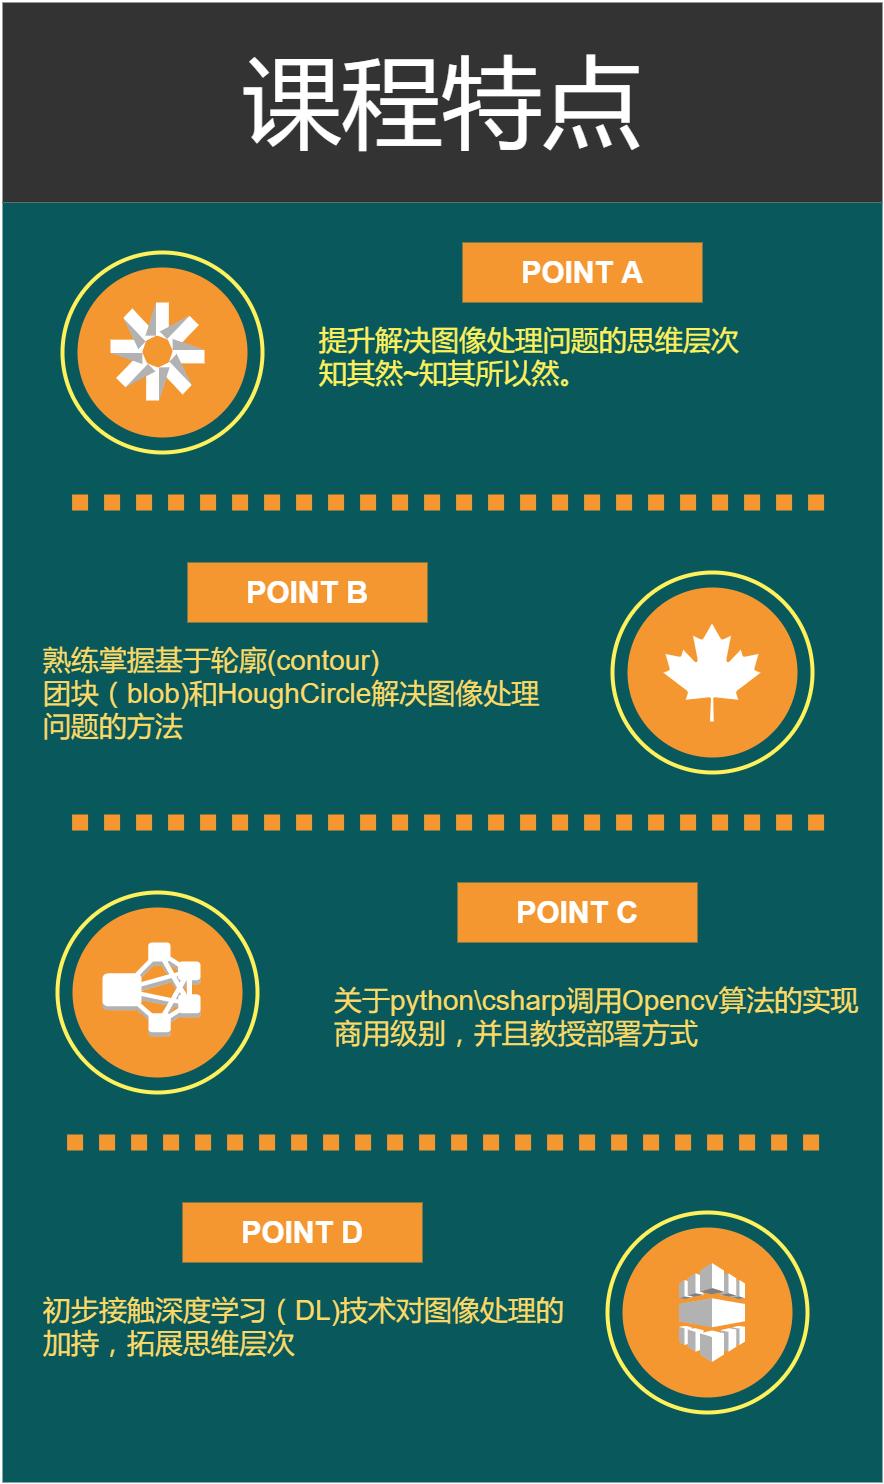 基于OpenCV的钢管计数项目实战 教程下载